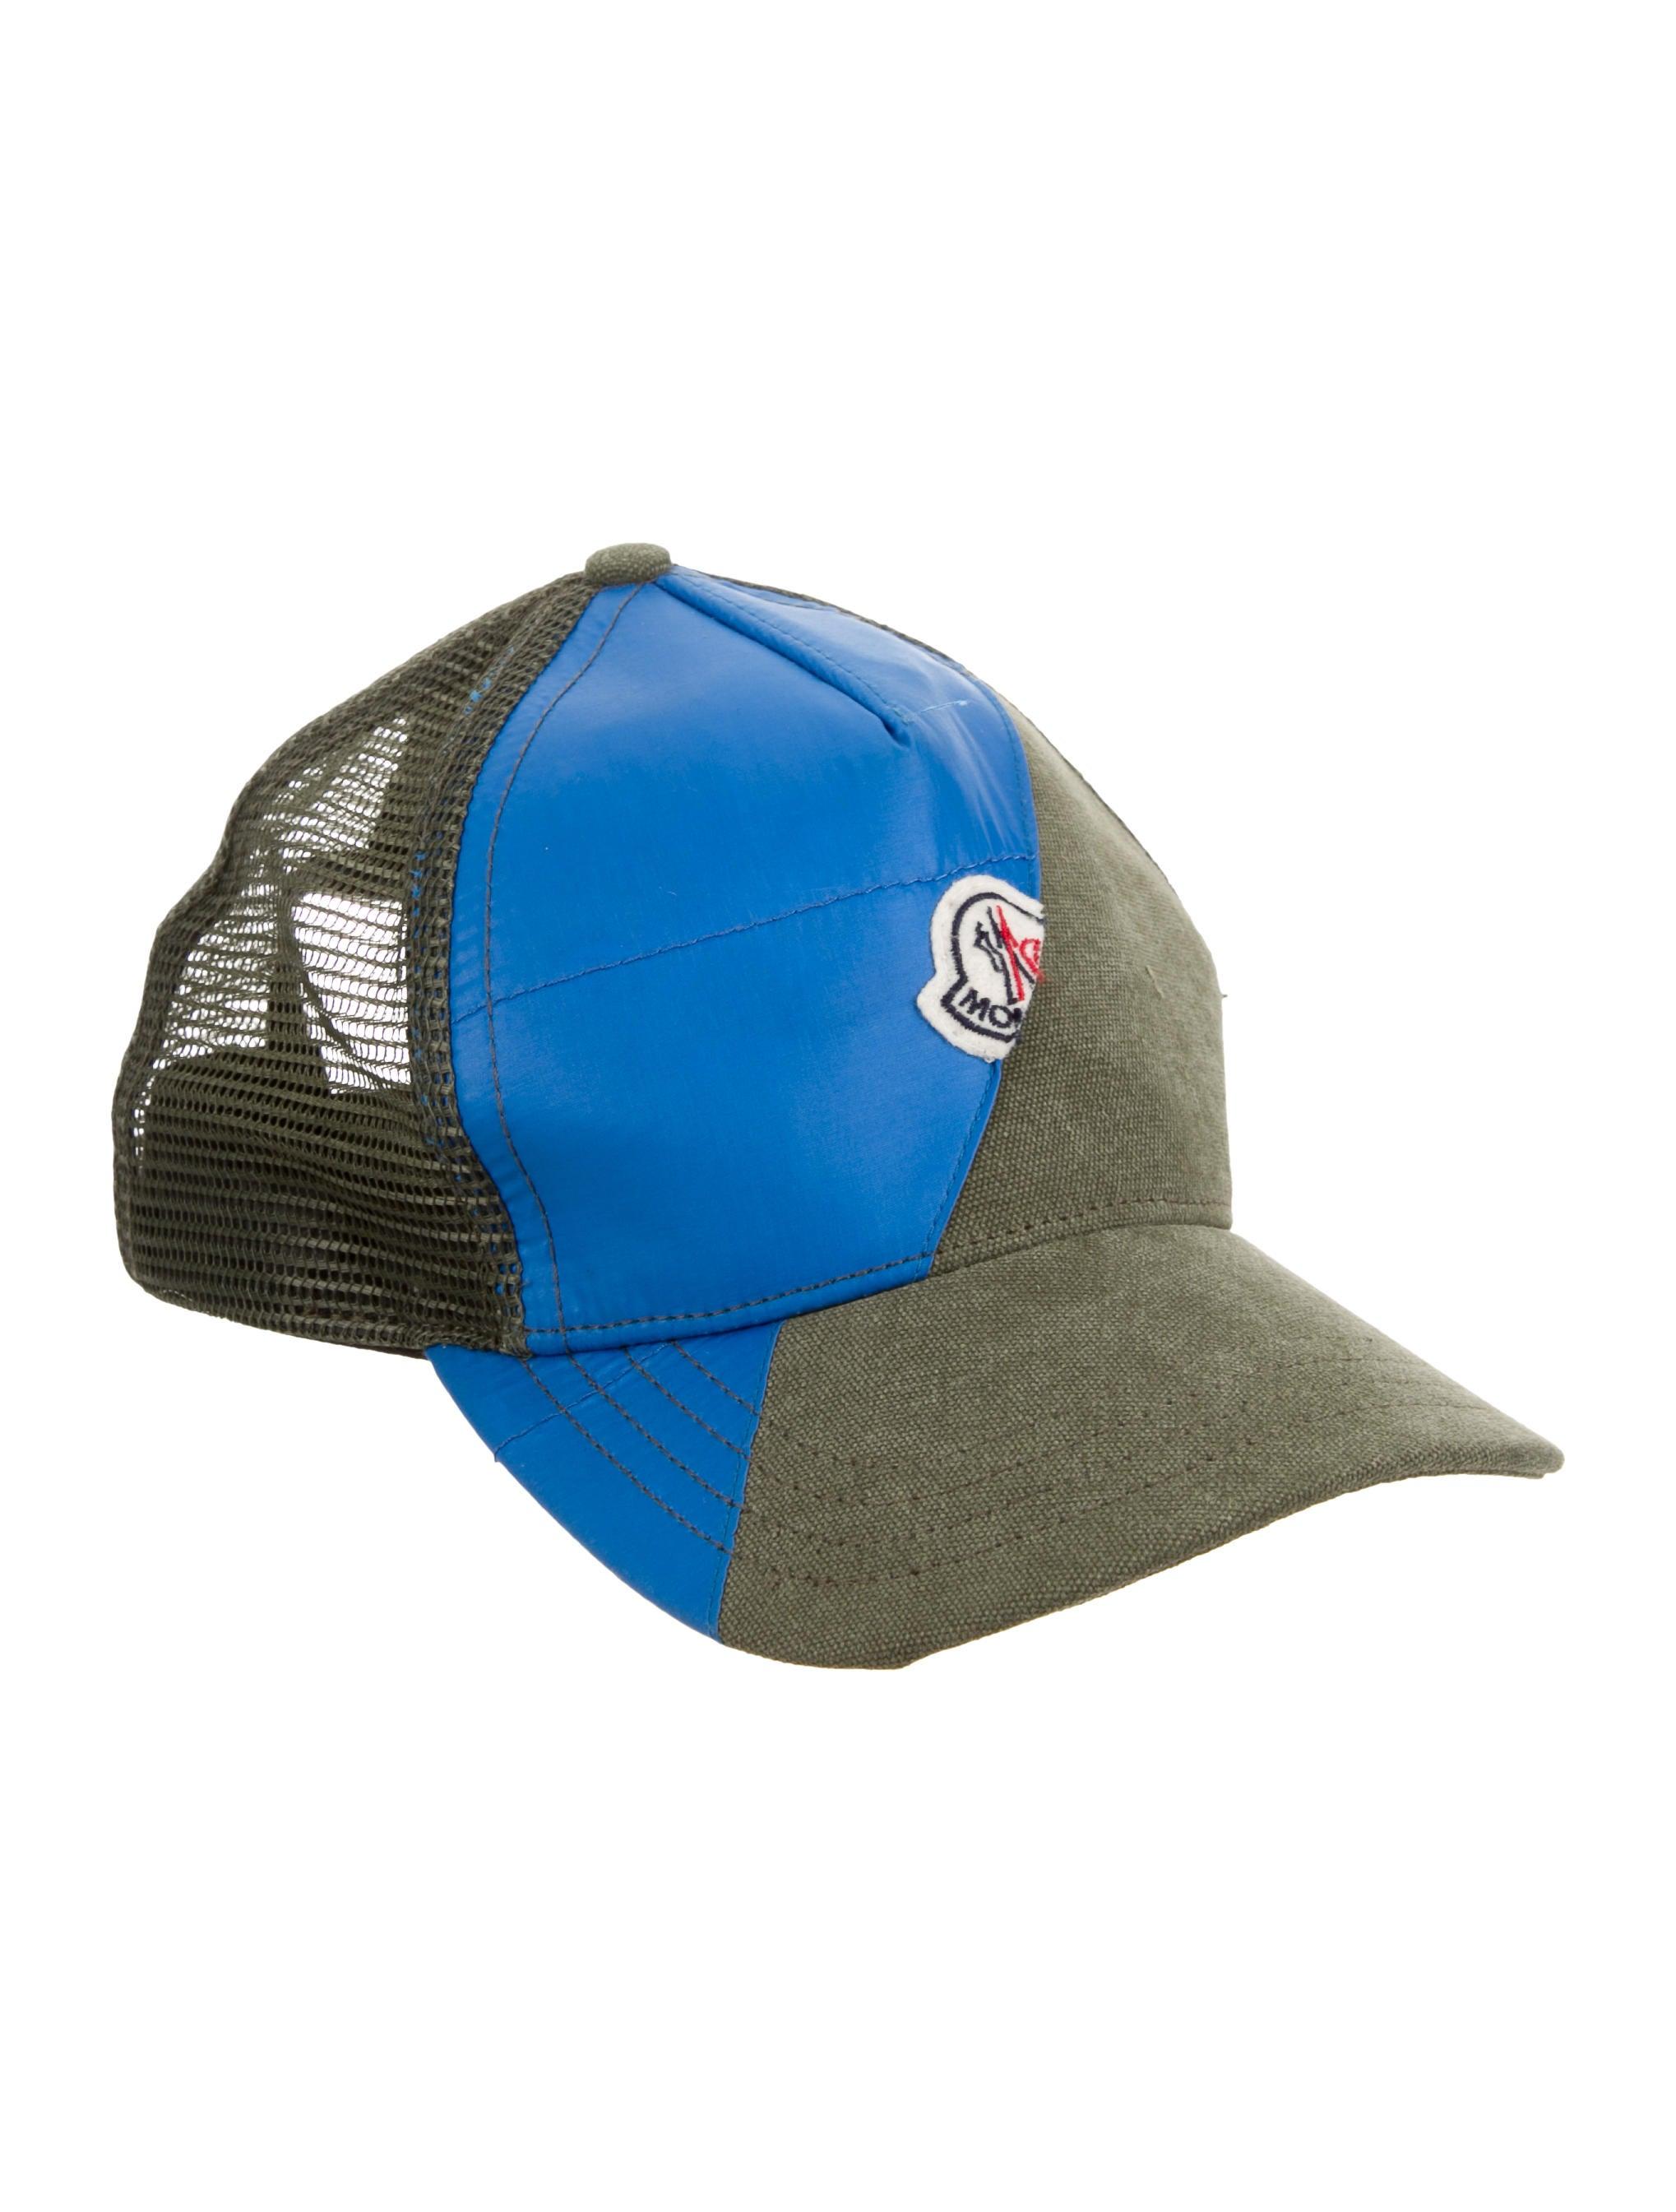 Moncler x Greg Lauren Snapback Hat - Accessories - MOC30329  07f062fc9c4